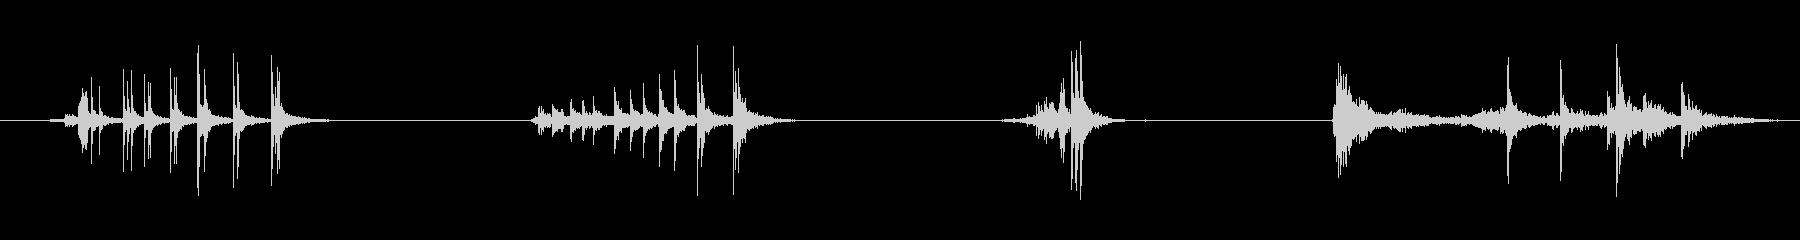 ドアメタルクリークx4の未再生の波形